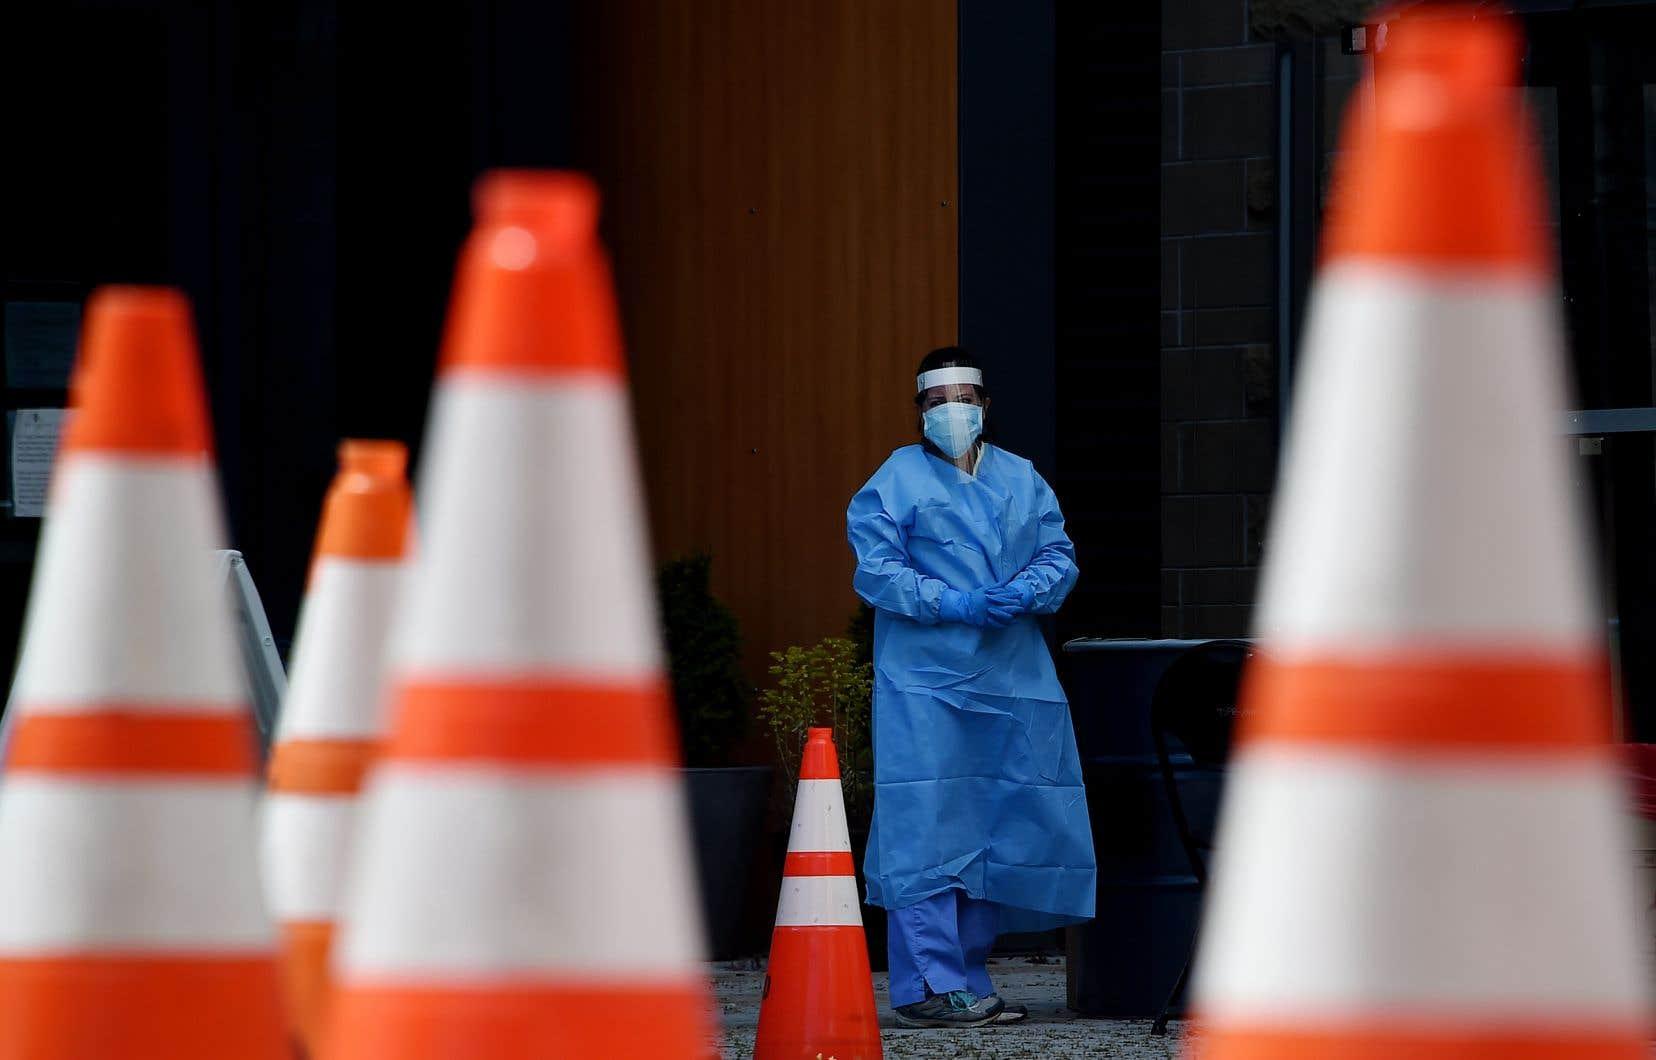 L'OMScroit que les tests de dépistage sur les personnes guéries détectent des cellules pulmonaires mortes et des résidus viraux non contagieux.